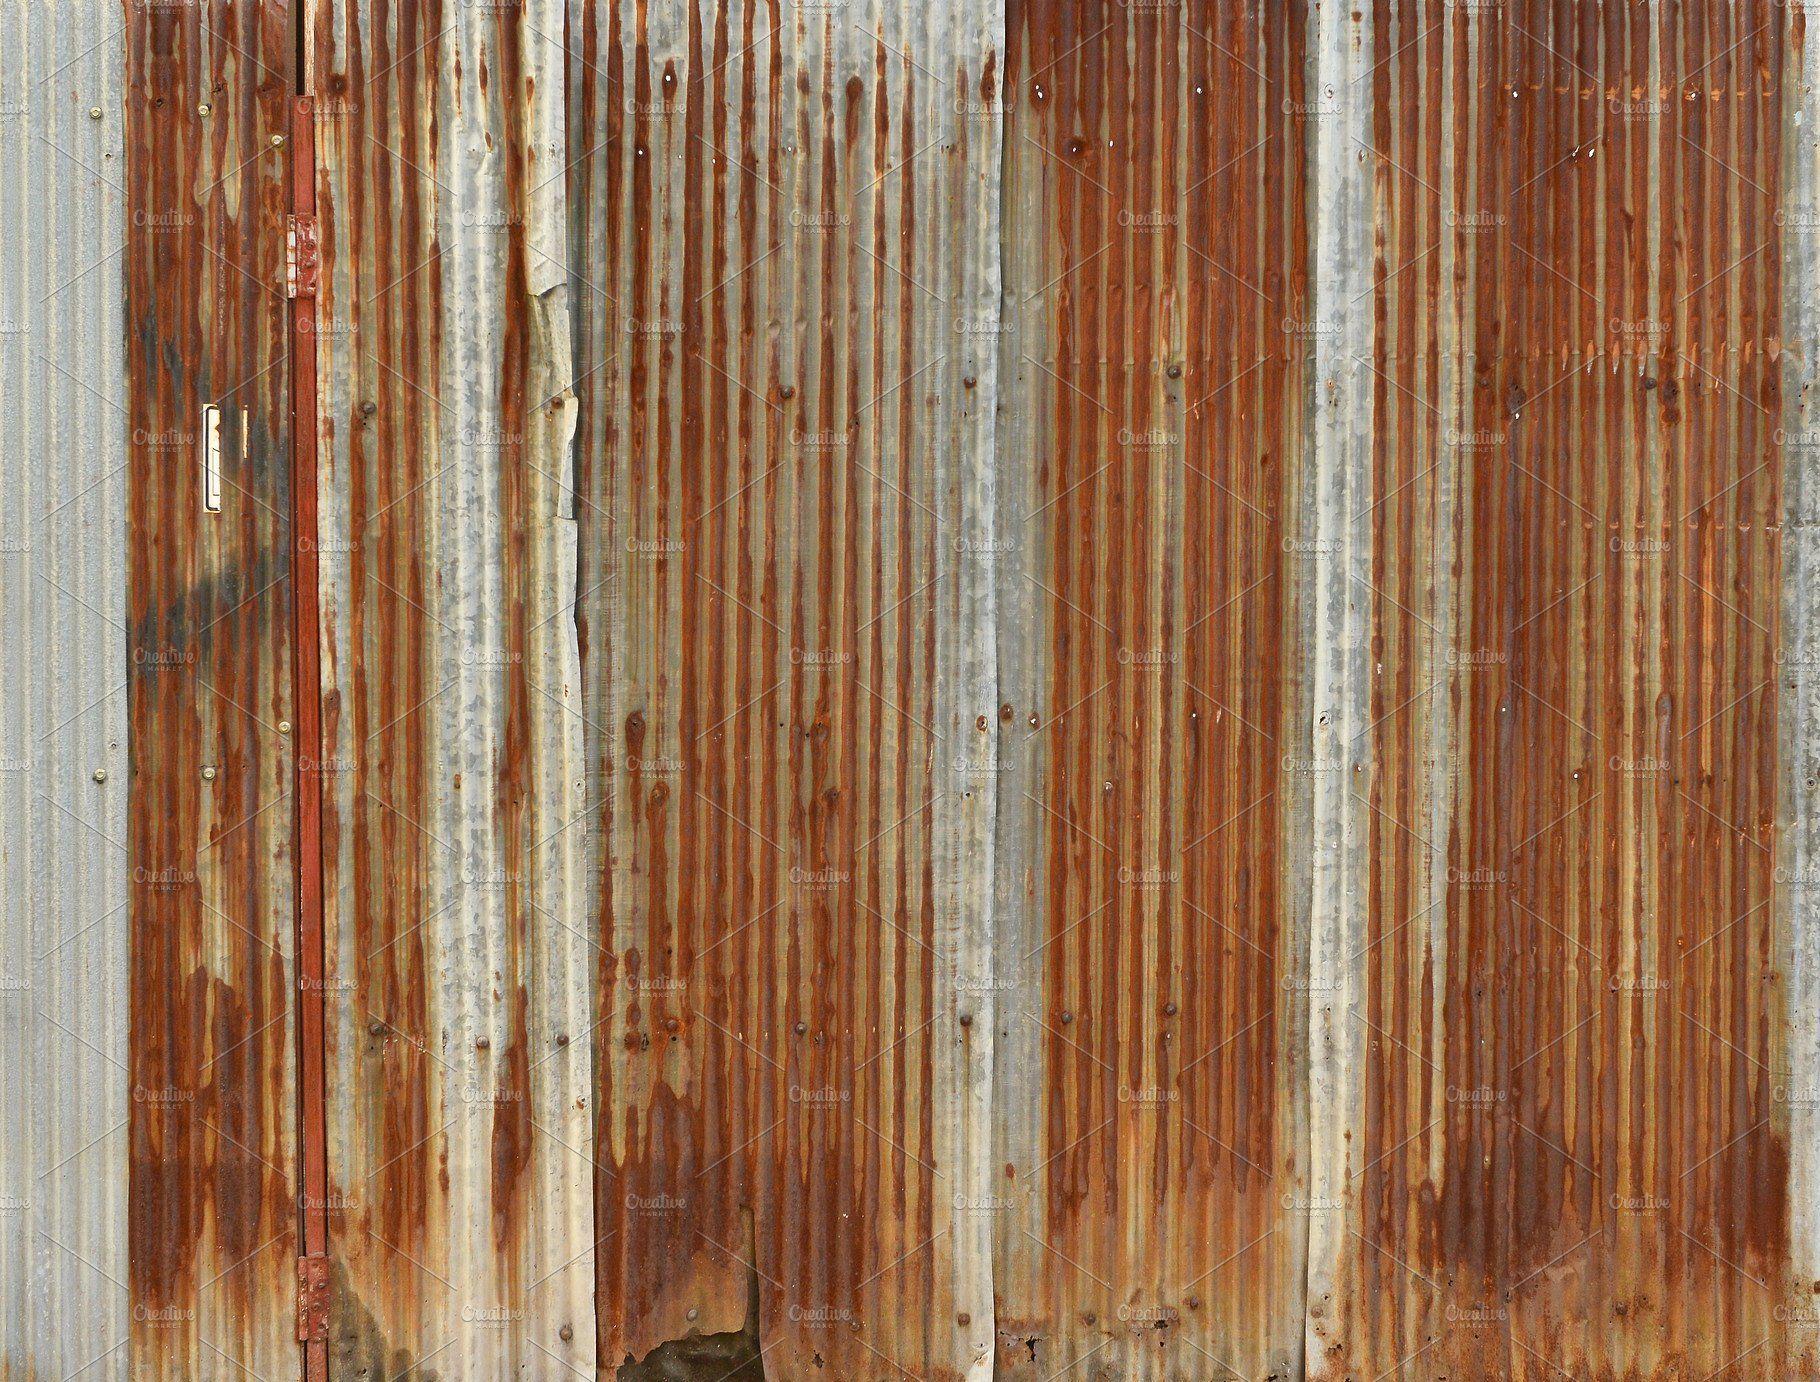 Rusty Corrugated Iron Metal Zinc Wall Background Corrugated Metal Wall Corrugated Corrugated Wall